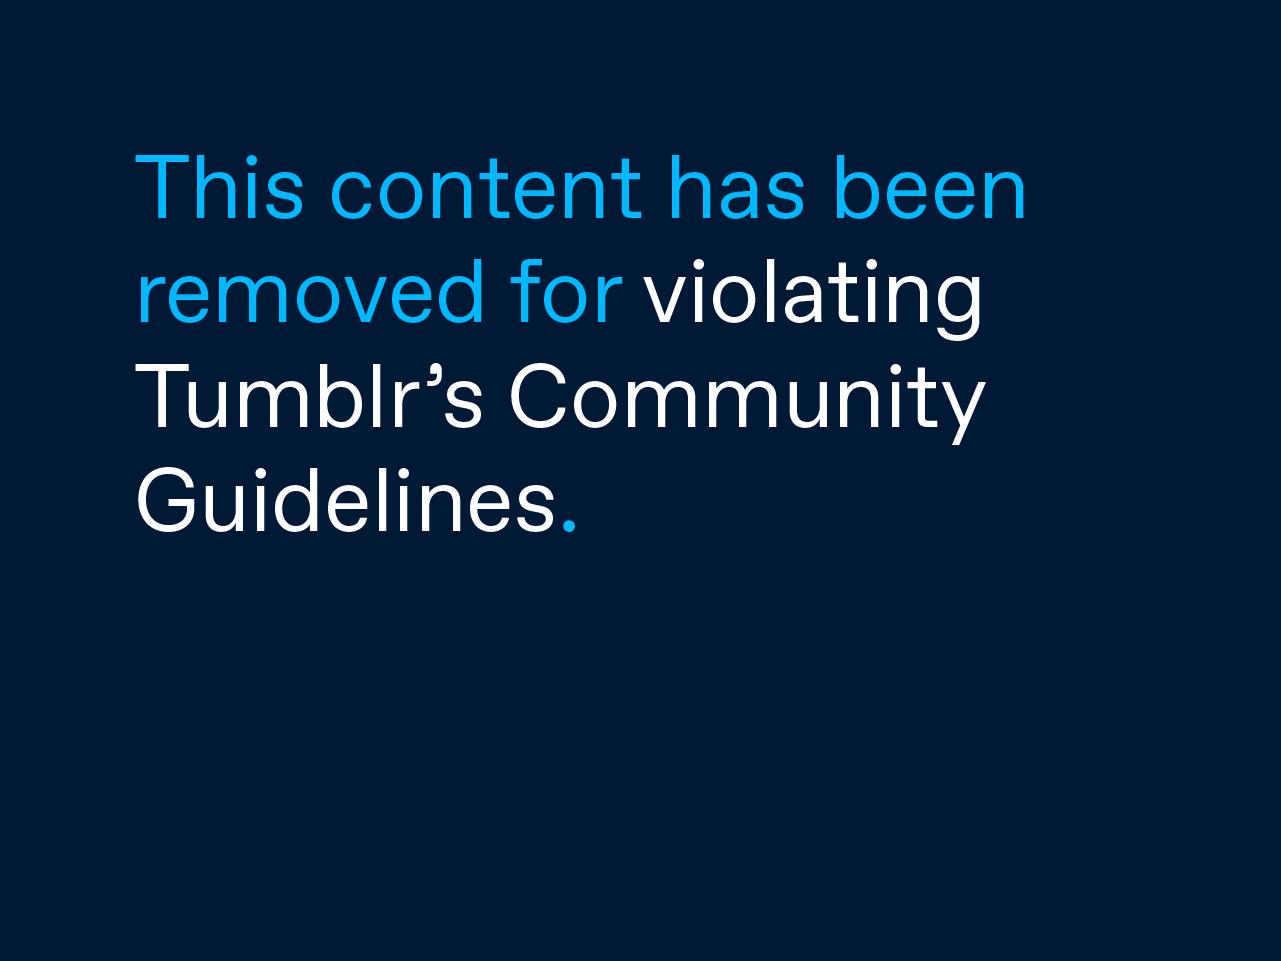 wohnzimmer ideen zum selber machen - boisholz - Wohnzimmer Deko Selber Machen